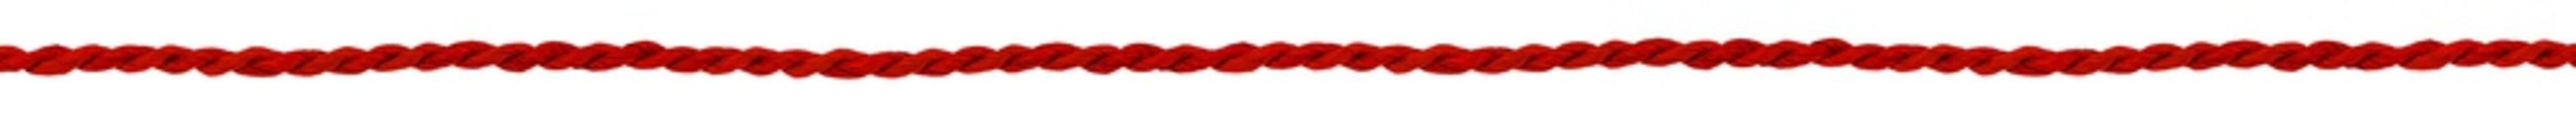 ficelle végétale, paille naturelle rouge